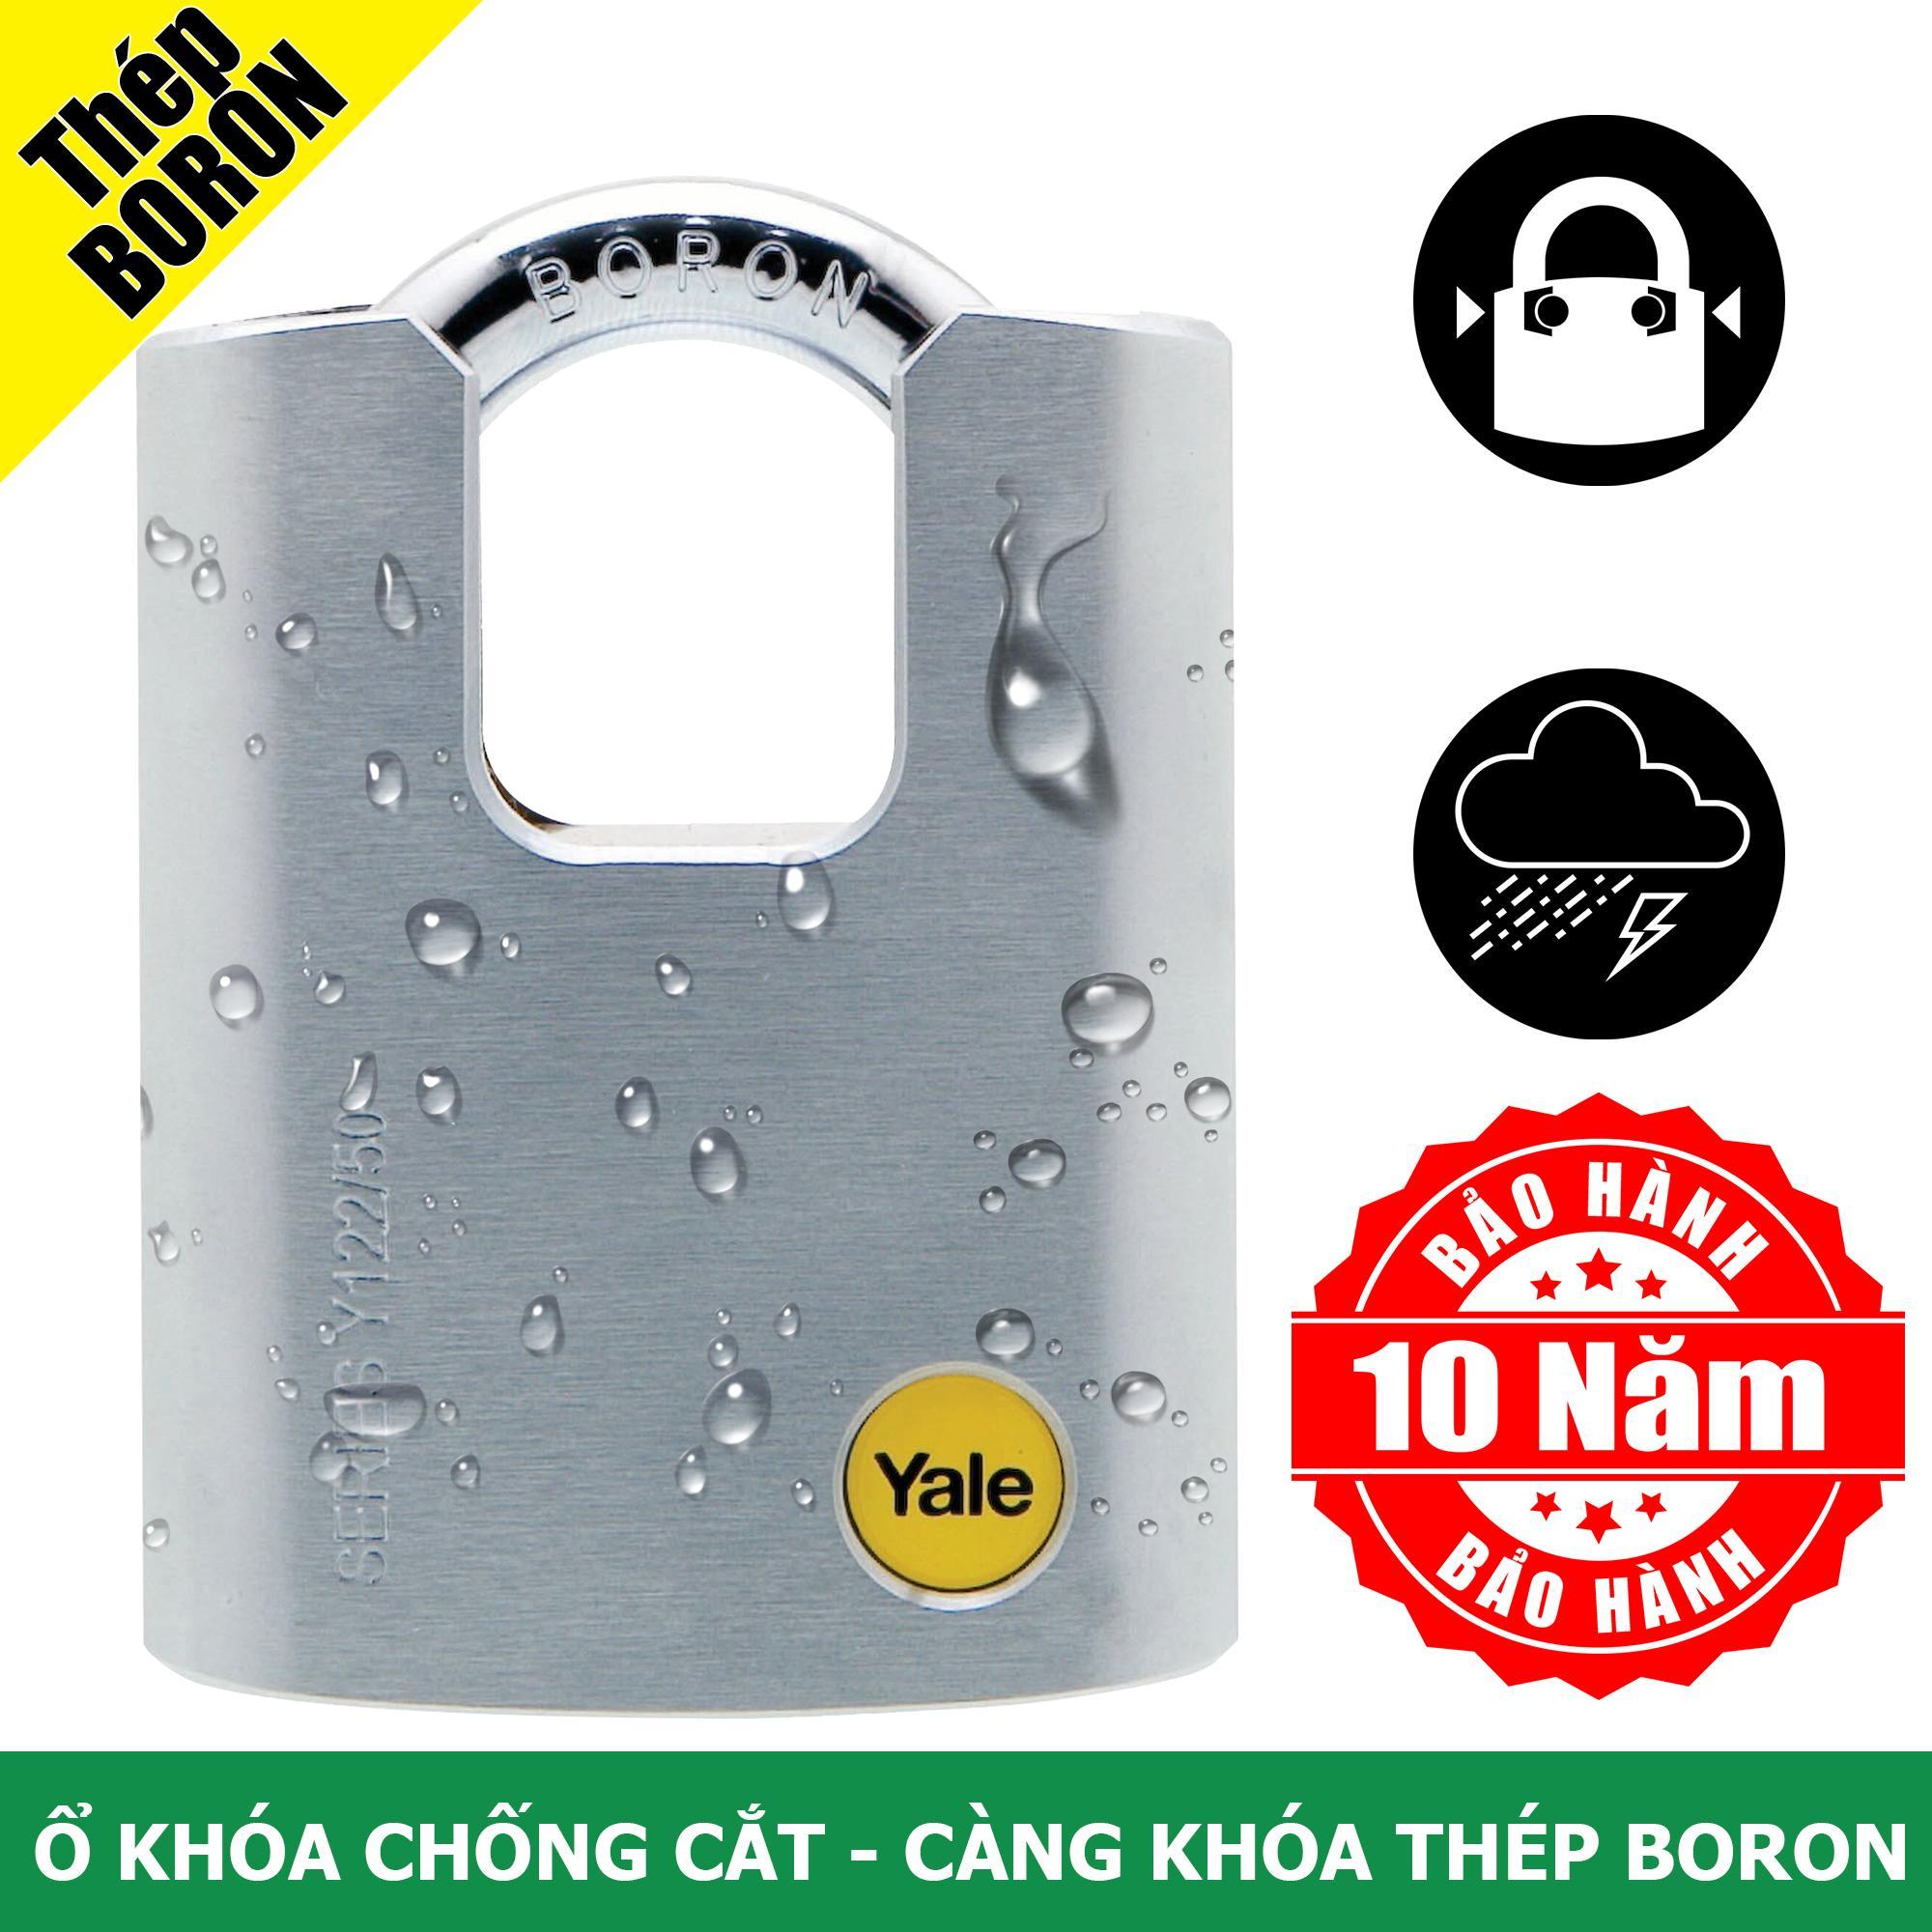 Ổ khóa chống cắt với càng khóa bằng thép Boron rất cứng Yale Y122/50/123/1 màu Satin mạ Chrome dẻo